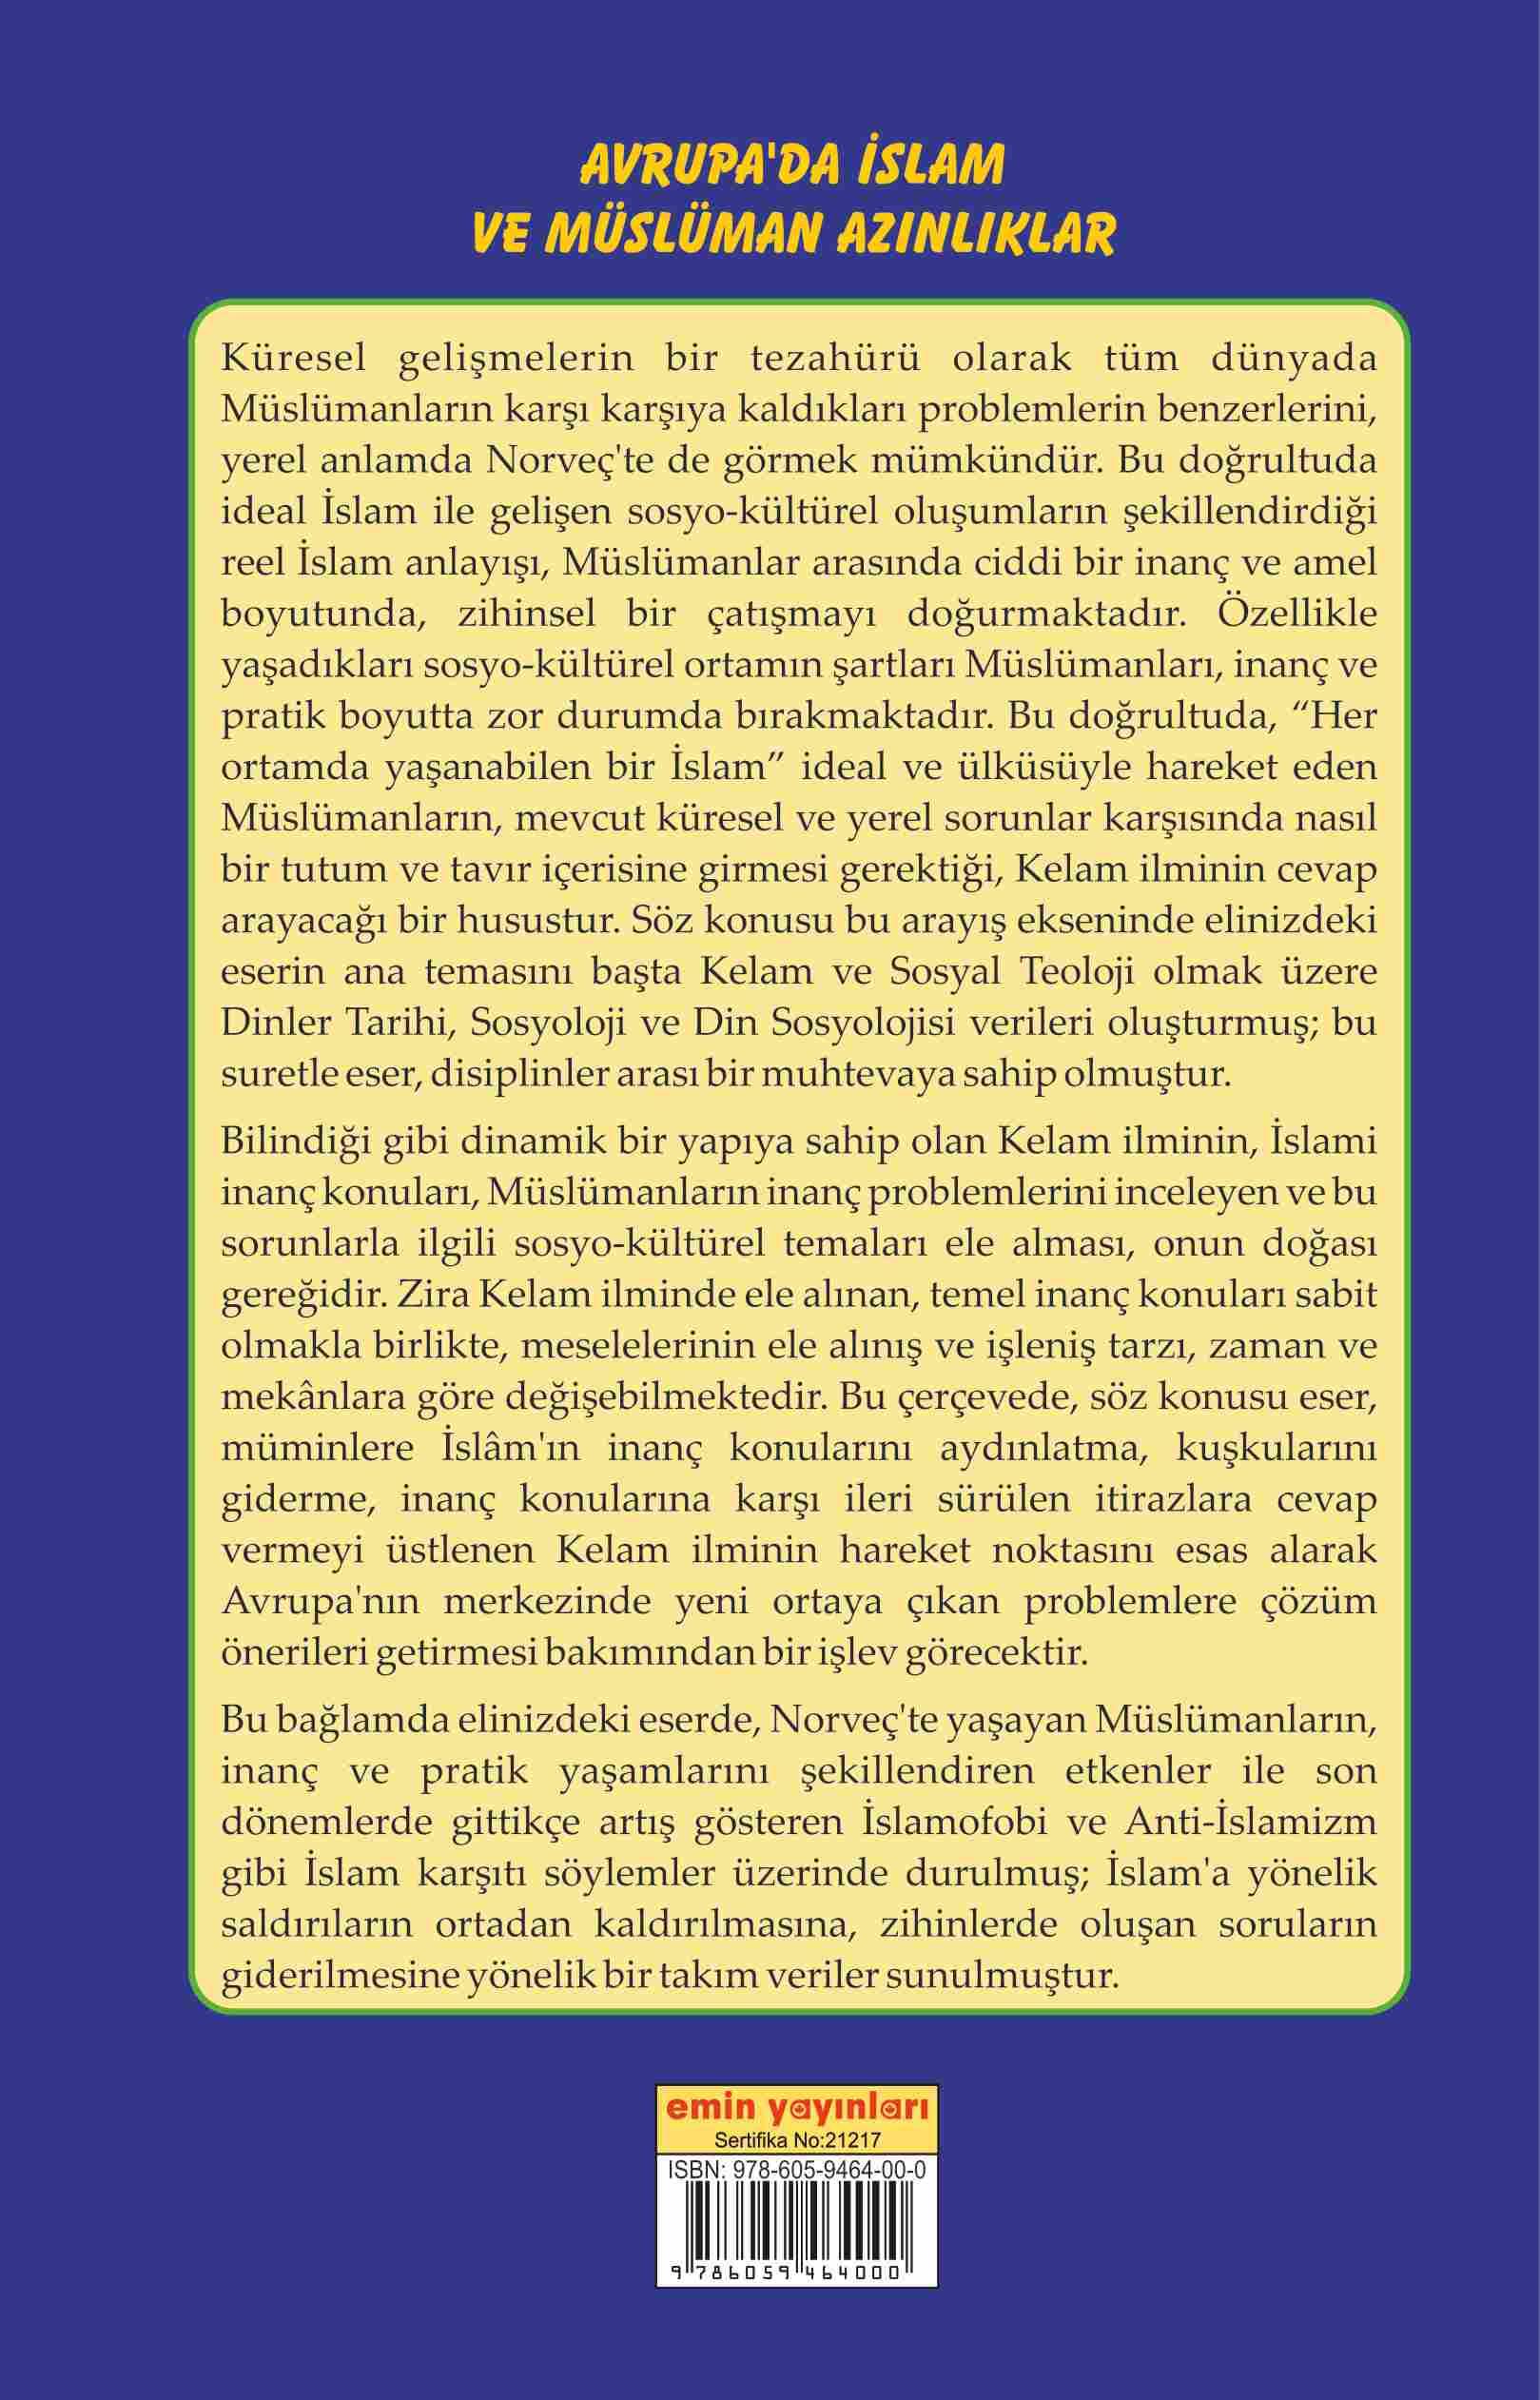 Avrupa'da İslam ve Müslüman Azınlıklar; Çokkültürlülük & İslamofobi & Dinlerarası Diyalog (Norveç Örneği)